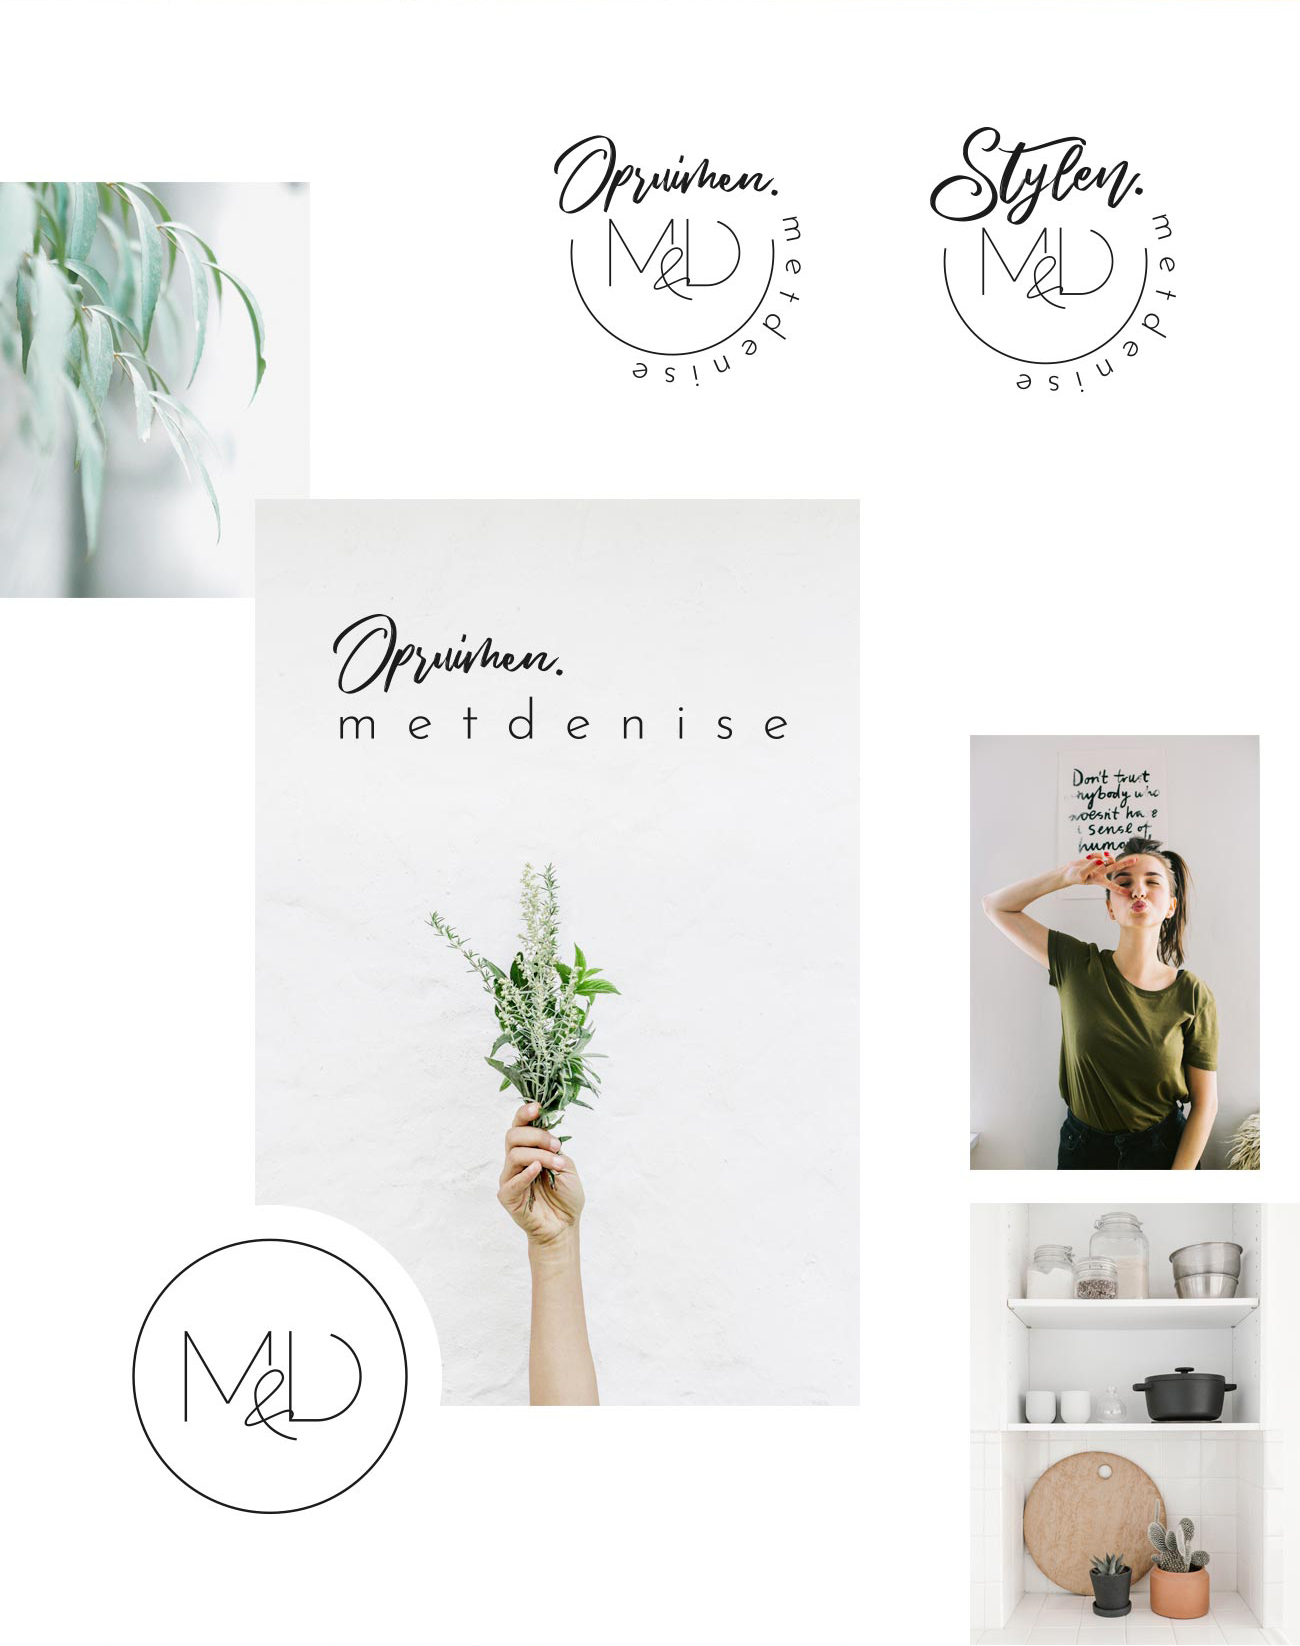 Met Denise logo design branding